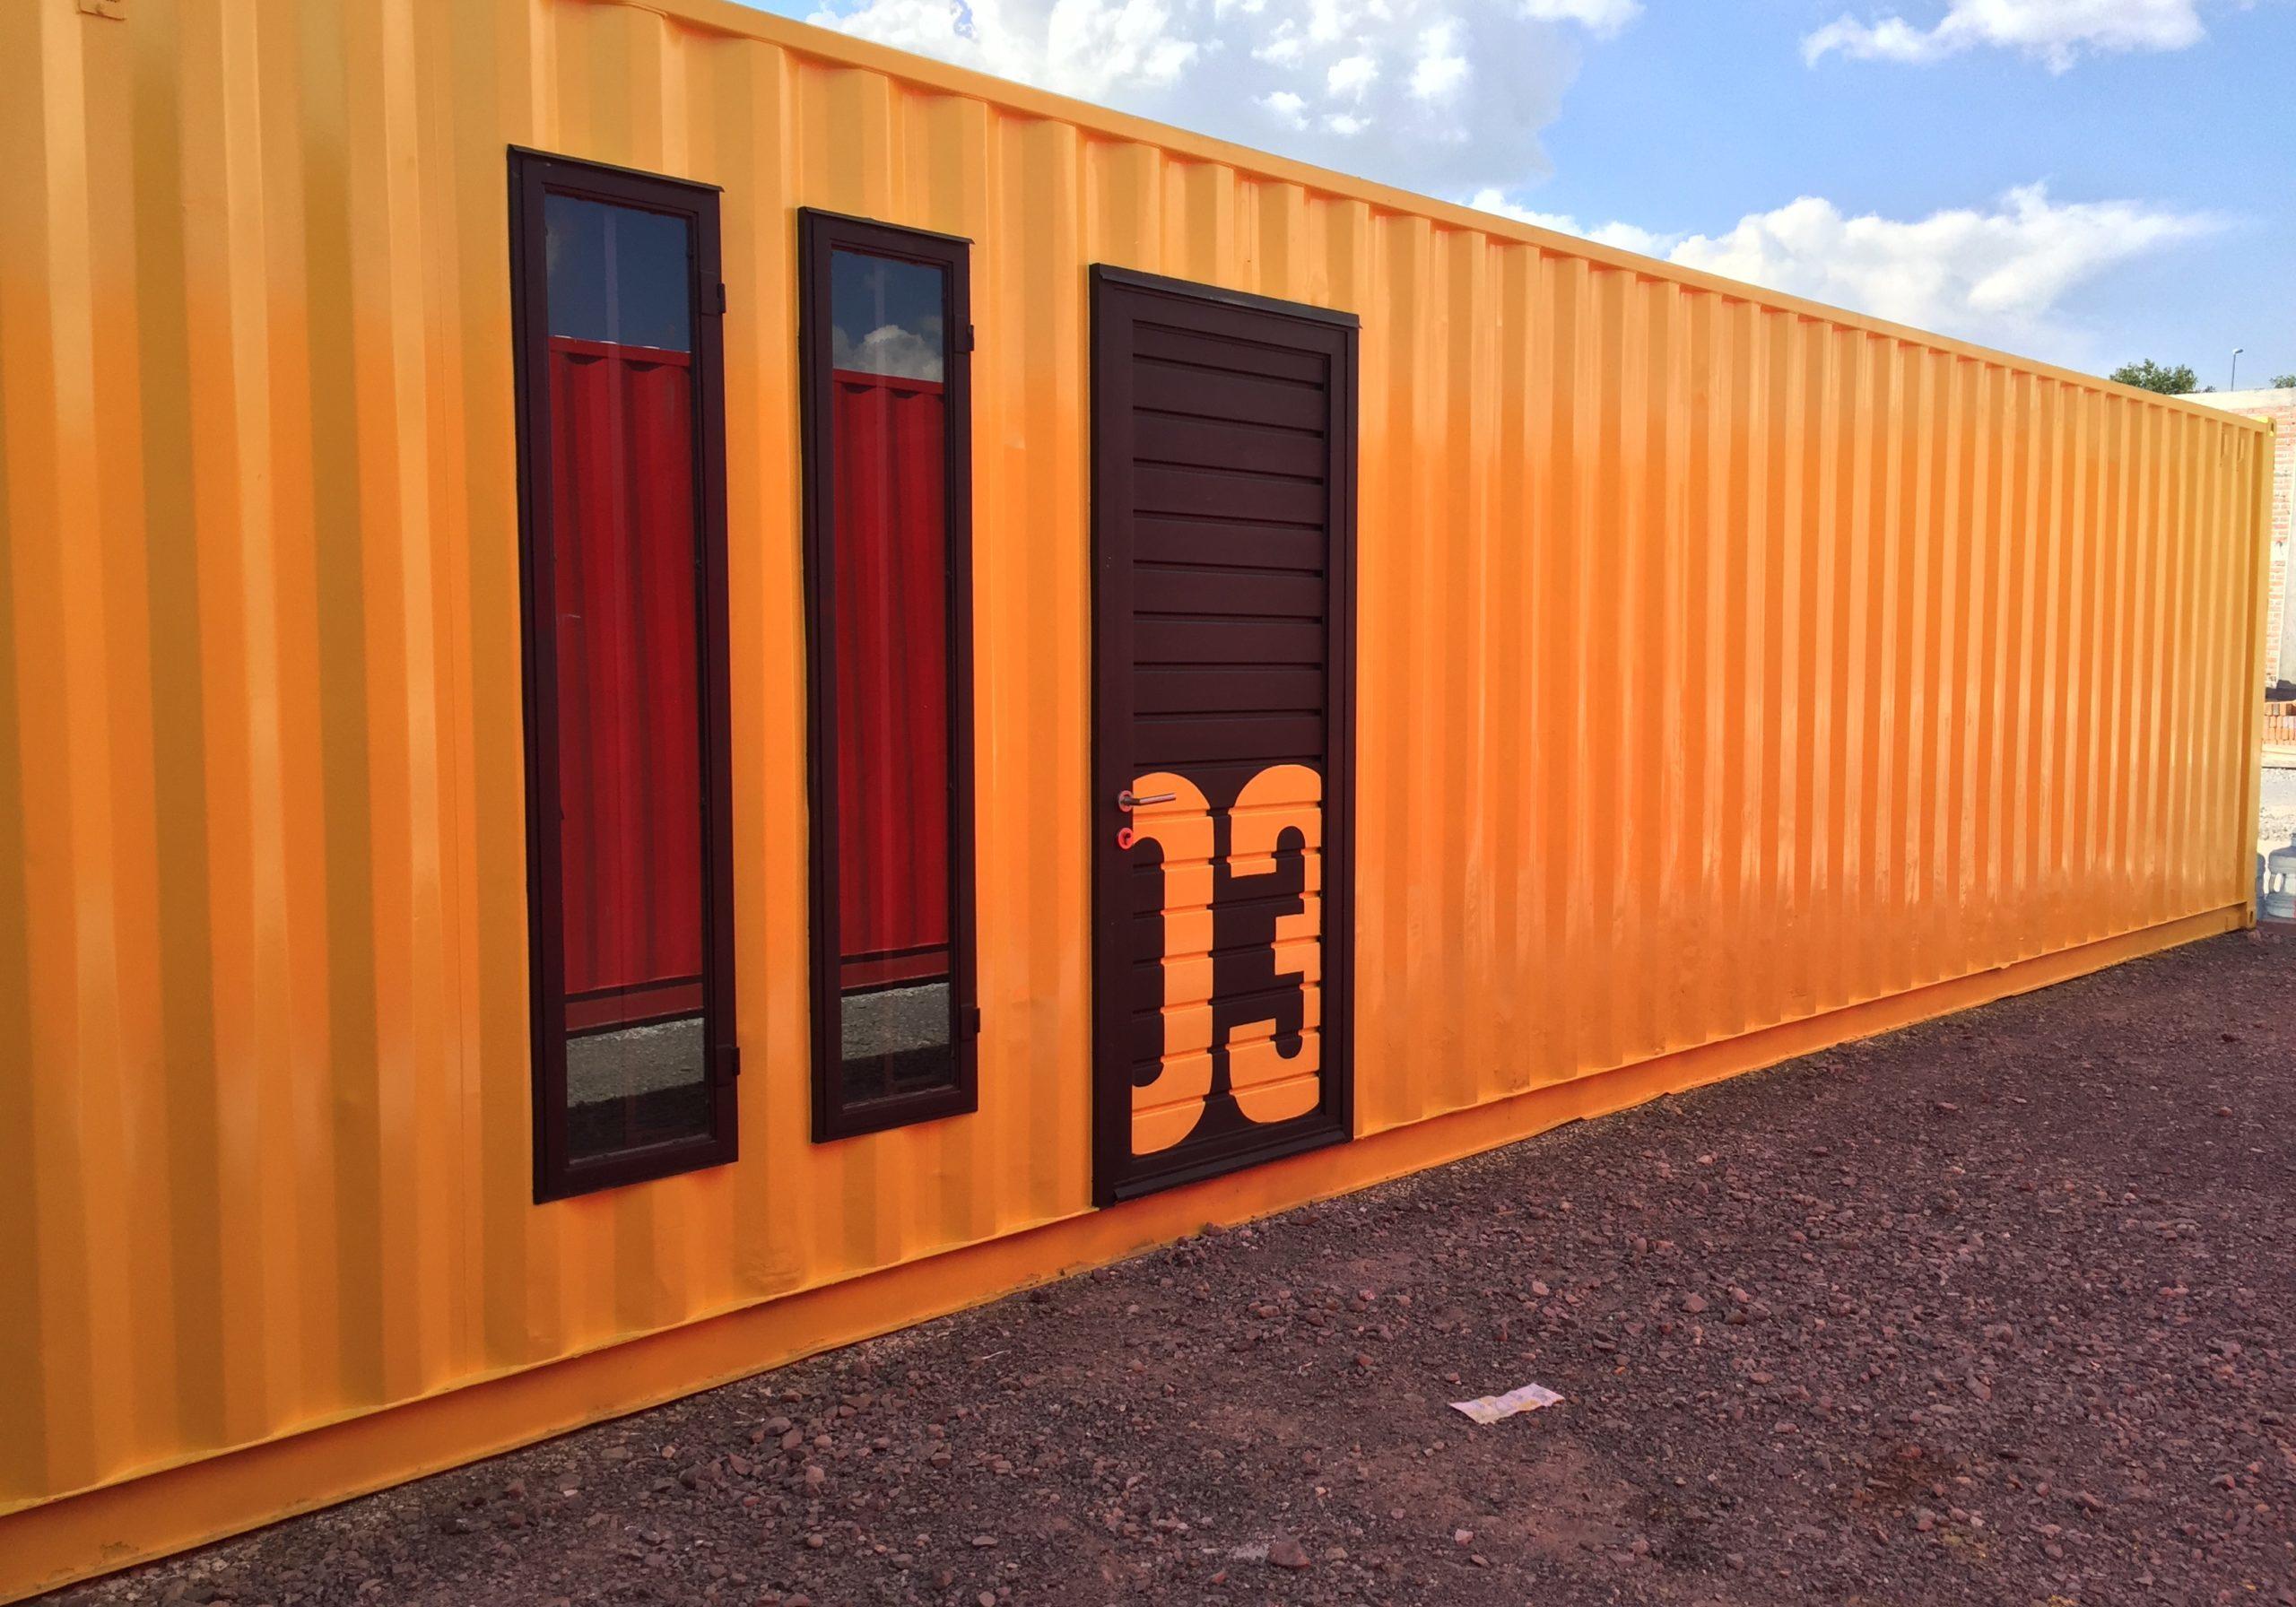 Mini Bodega amarilla modular fabricada con containers. Estilo moderno. Luís Miguel Rubín